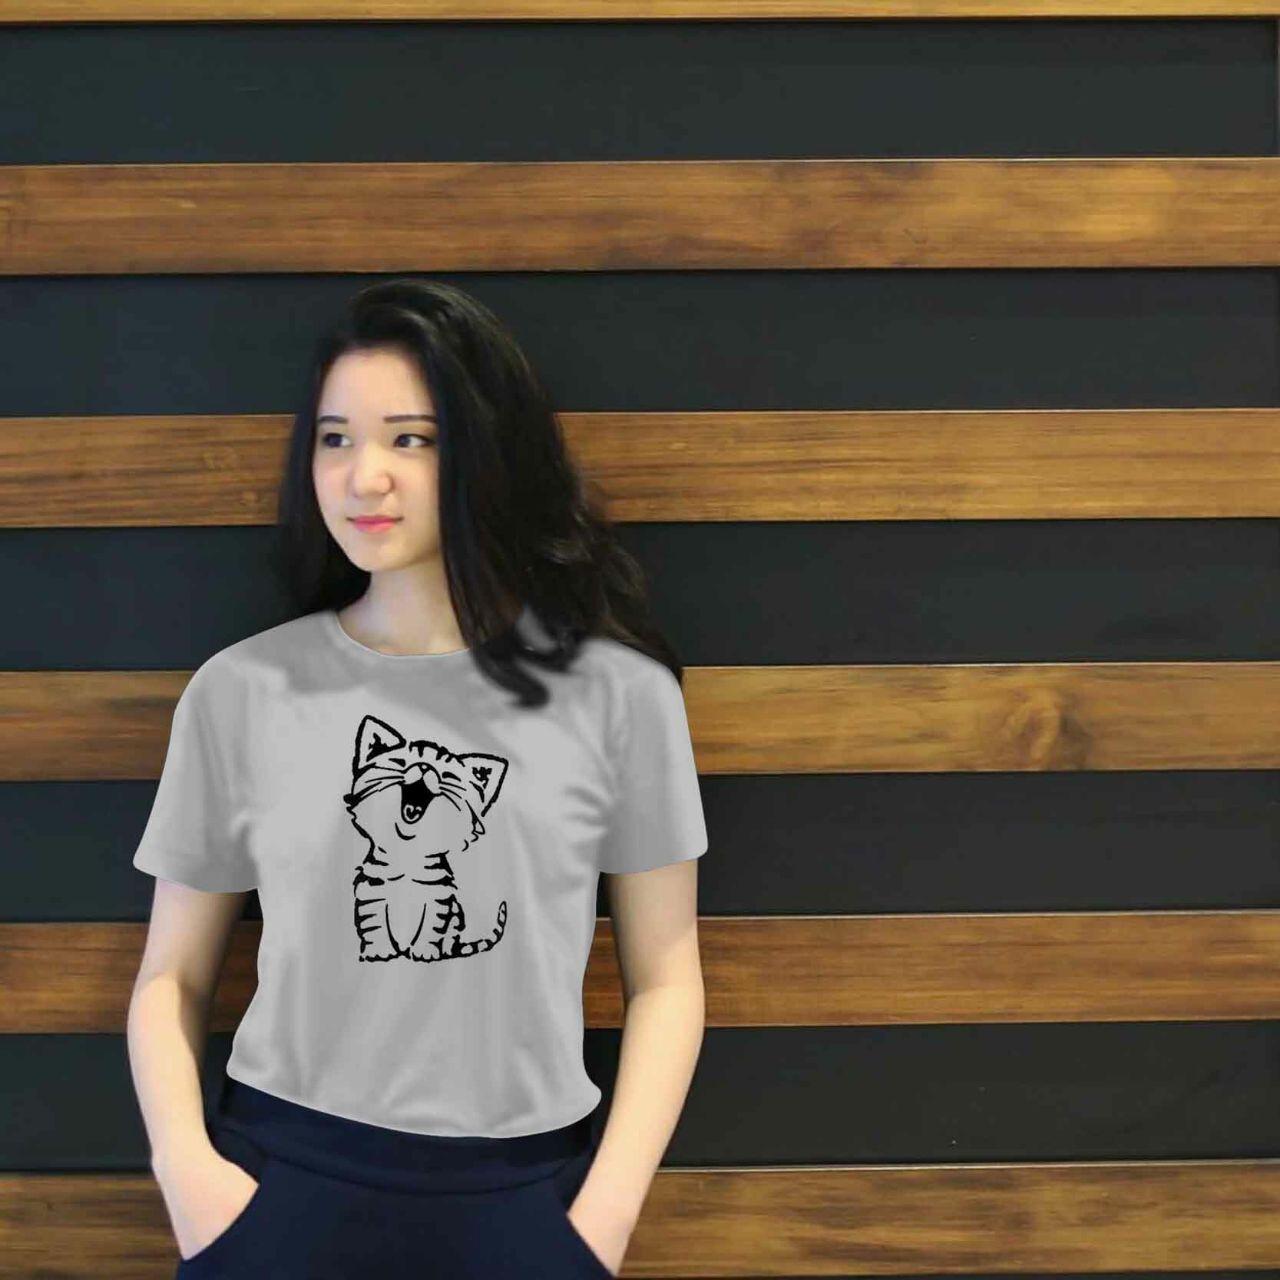 Vanessa Tumblr Tee / T-Shirt kucing / T-shirt Wanita / Kaos Cewek / Tumblr Tee Cewek / Kaos Wanita Murah / Baju Wanita Murah / Kaos Lengan Pendek / Kaos Oblong / Kaos Tulisan